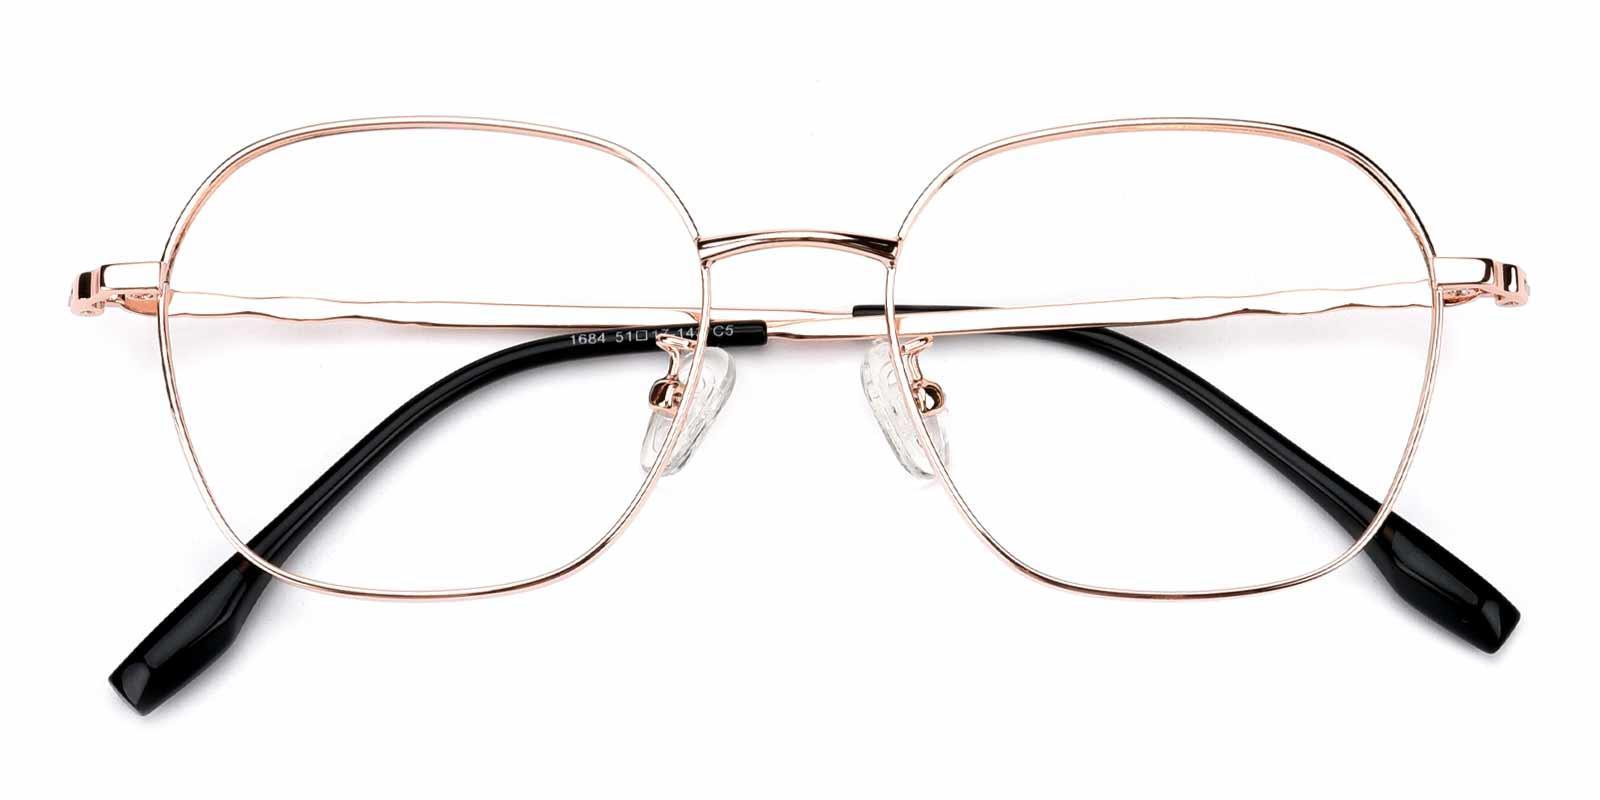 Aidan-Gold-Square-Metal-Eyeglasses-detail